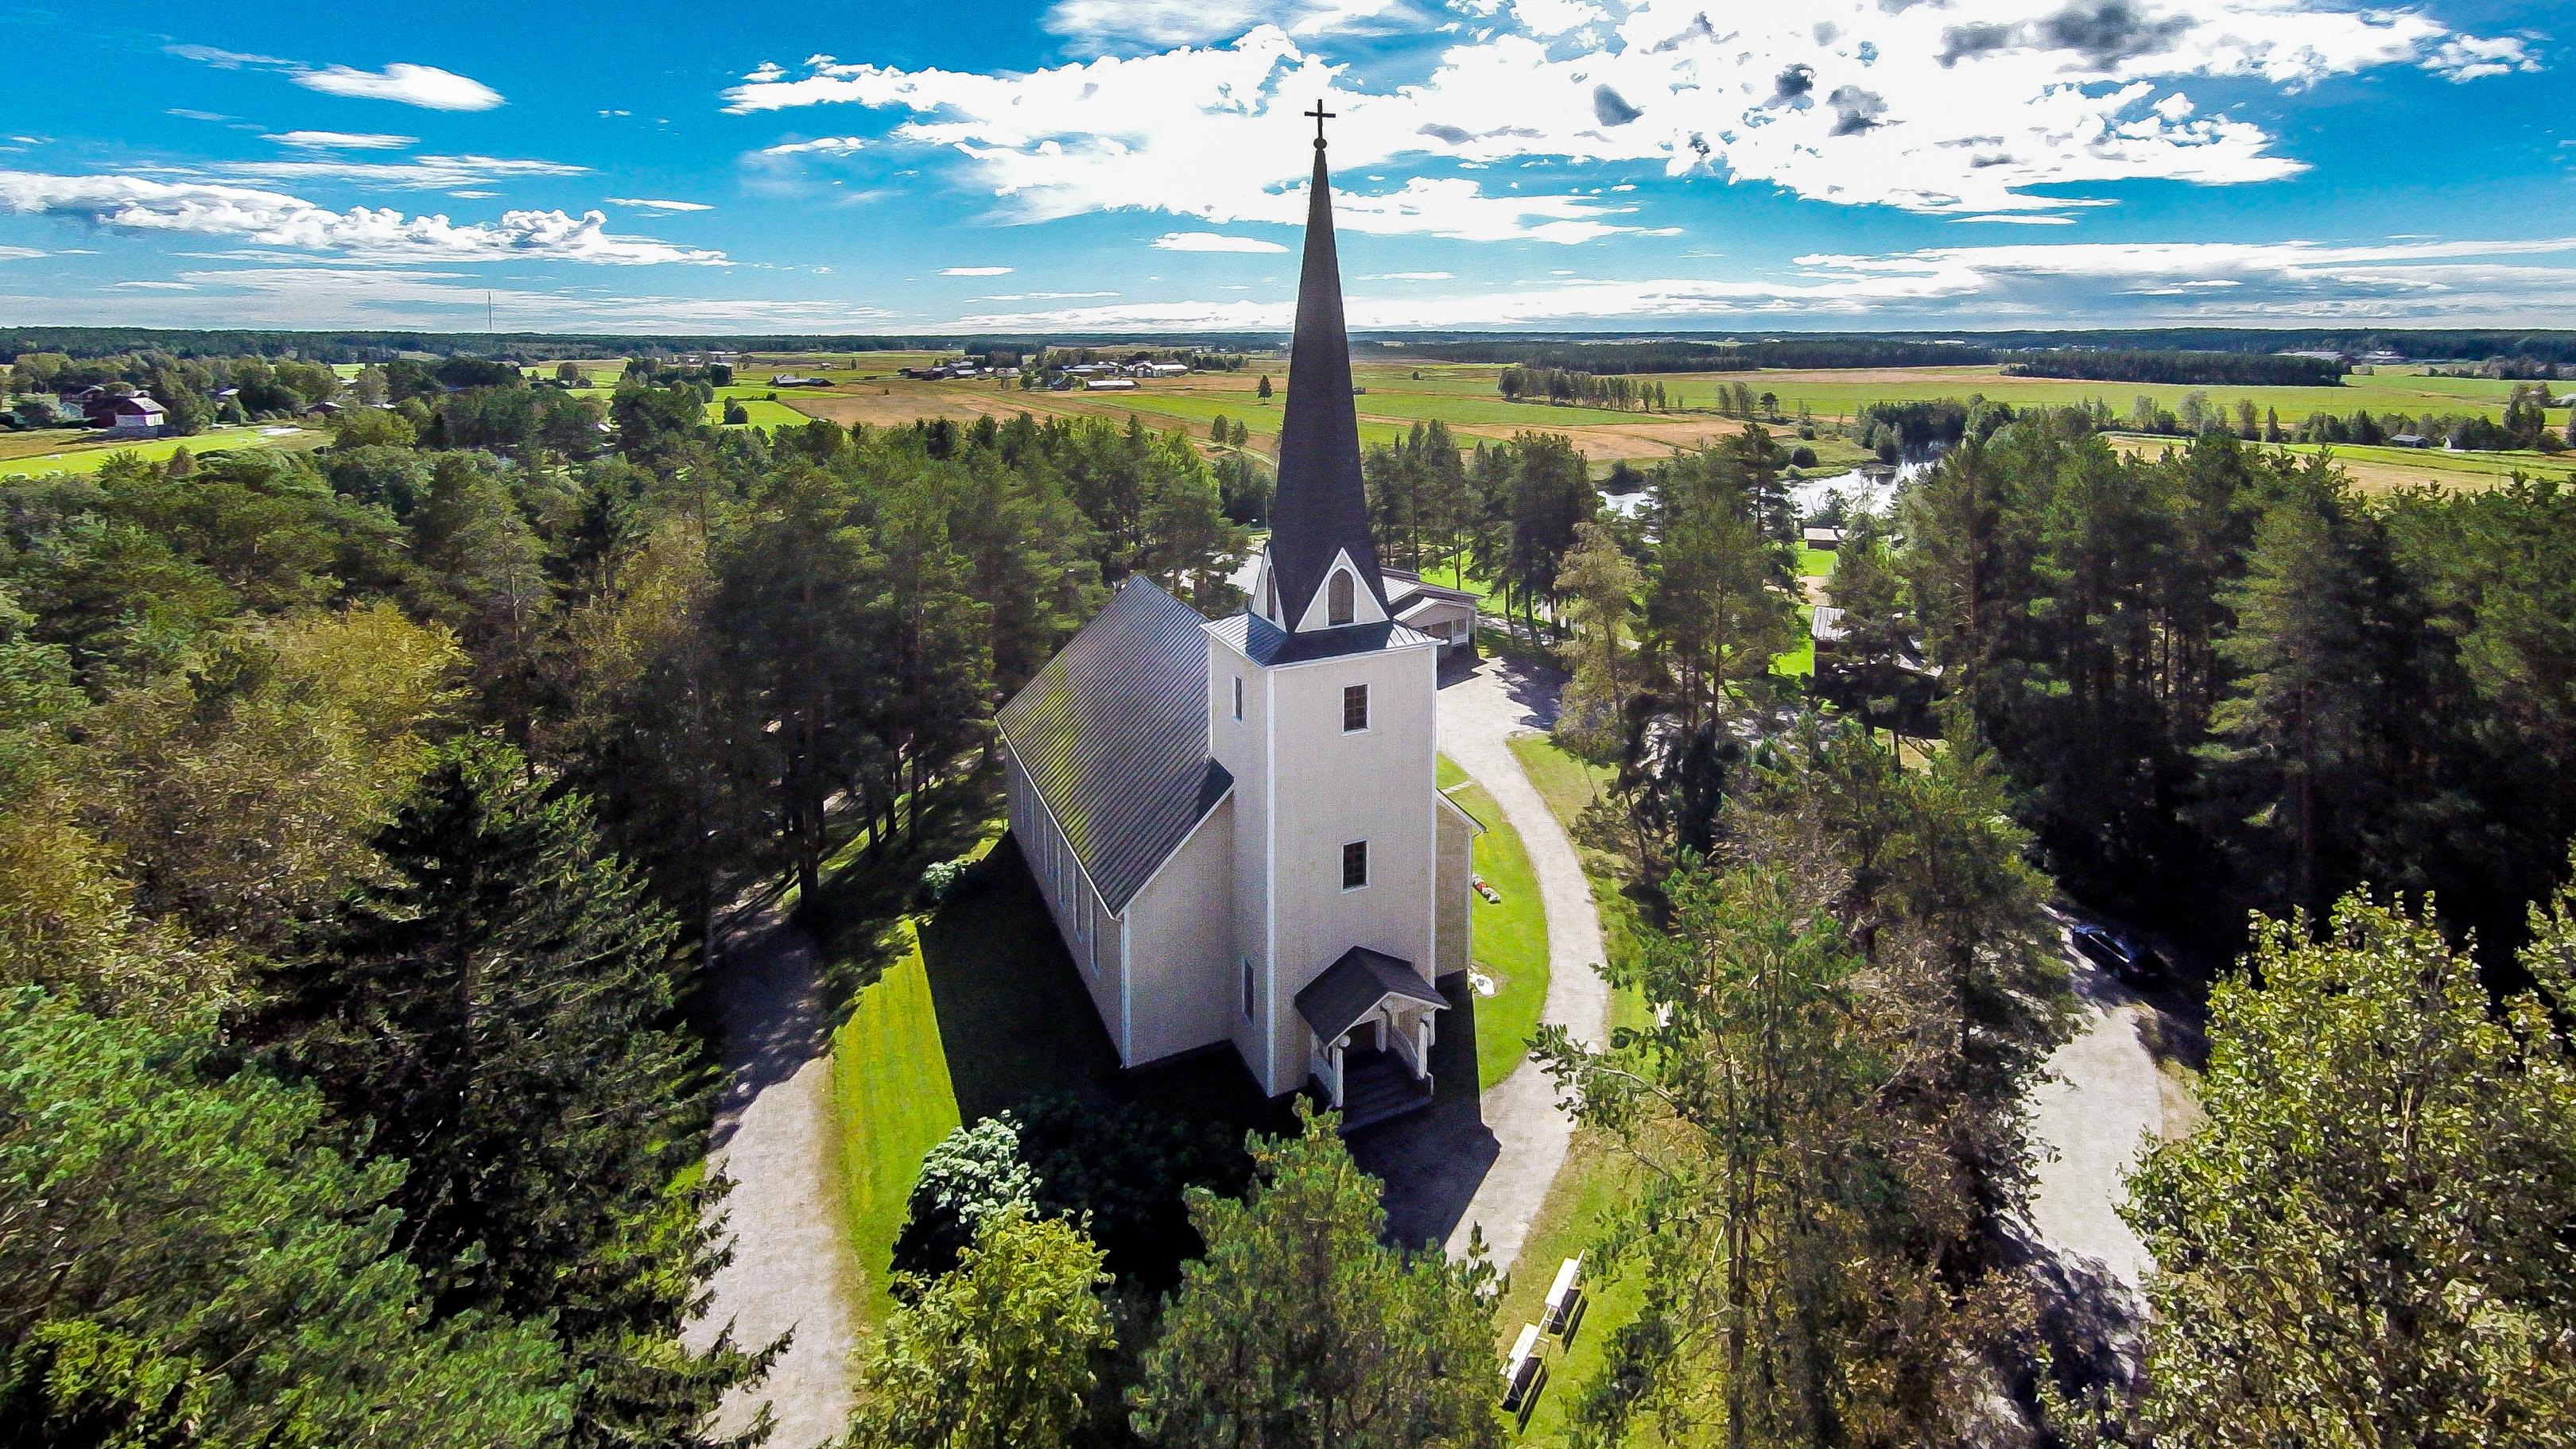 Tiistenjoen kyläkirkko